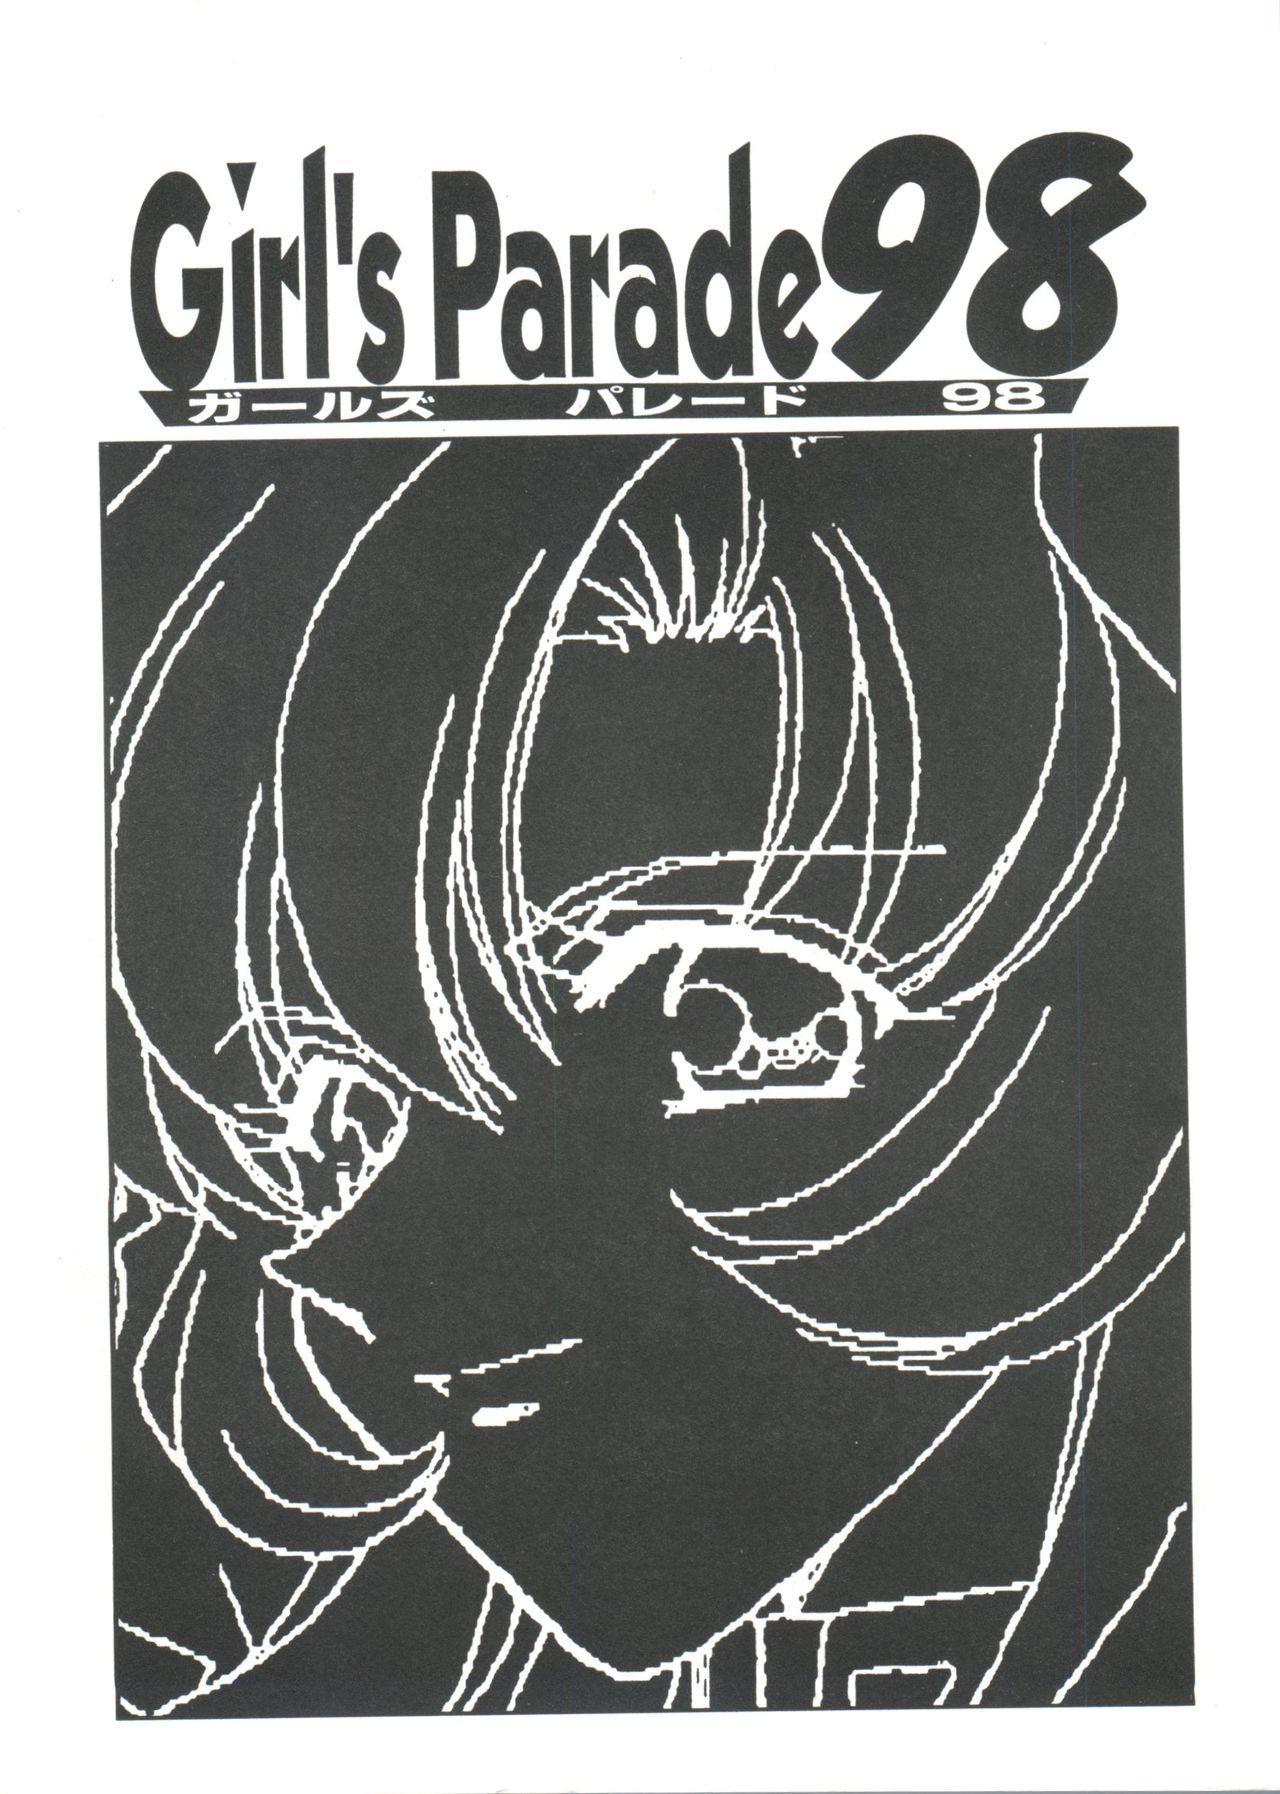 Girl's Parade 98 Take 1 5